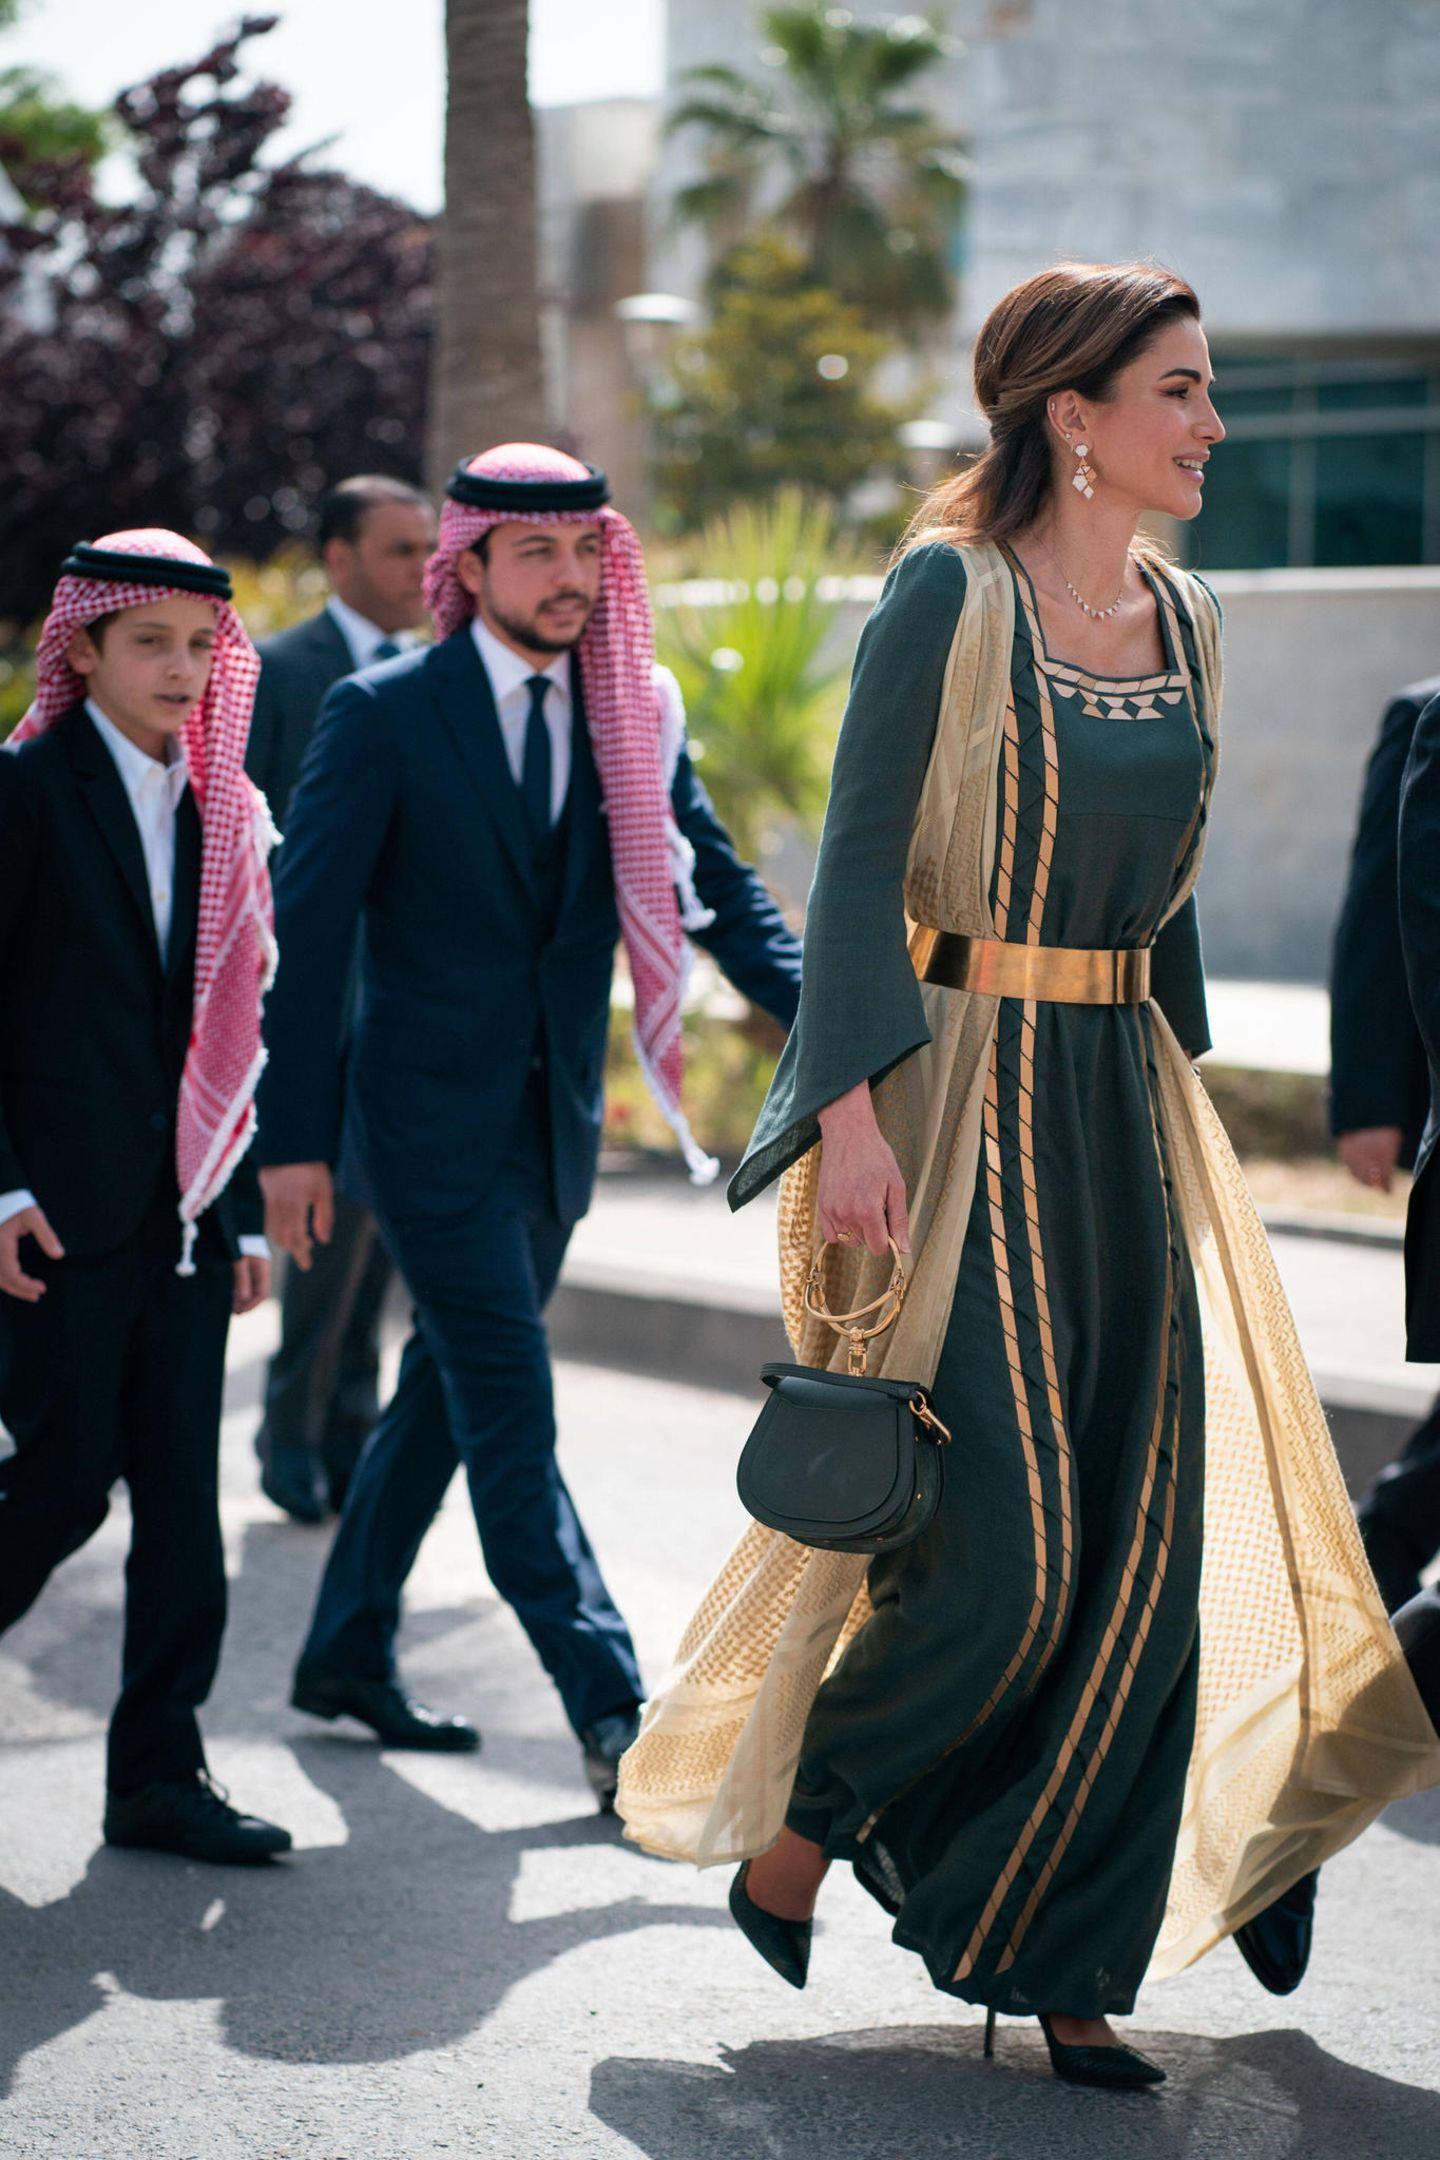 Hier trifft ein moderner Stil auf Tradition: Die Königin kombiniert schwarze Pumps und eine Tasche von Chloé zu dem eleganten Gewandt.